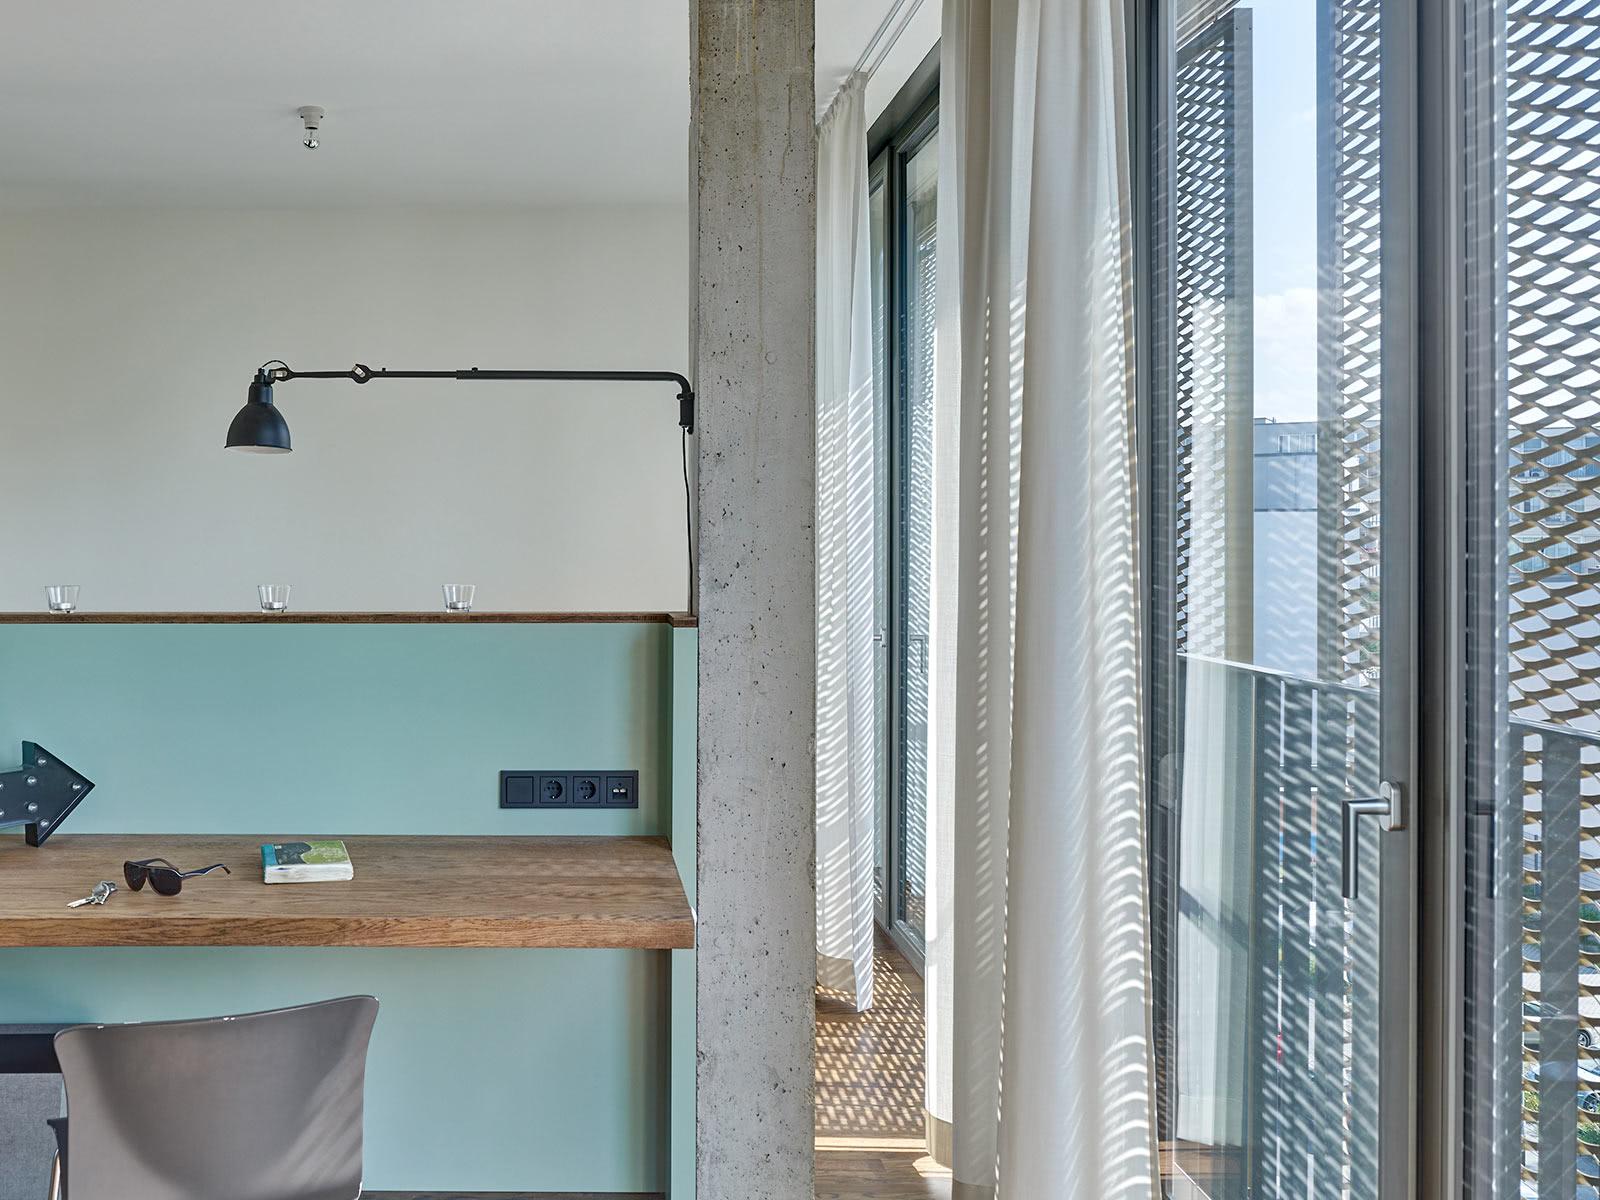 ehret schiebel den f r berliner neubau. Black Bedroom Furniture Sets. Home Design Ideas